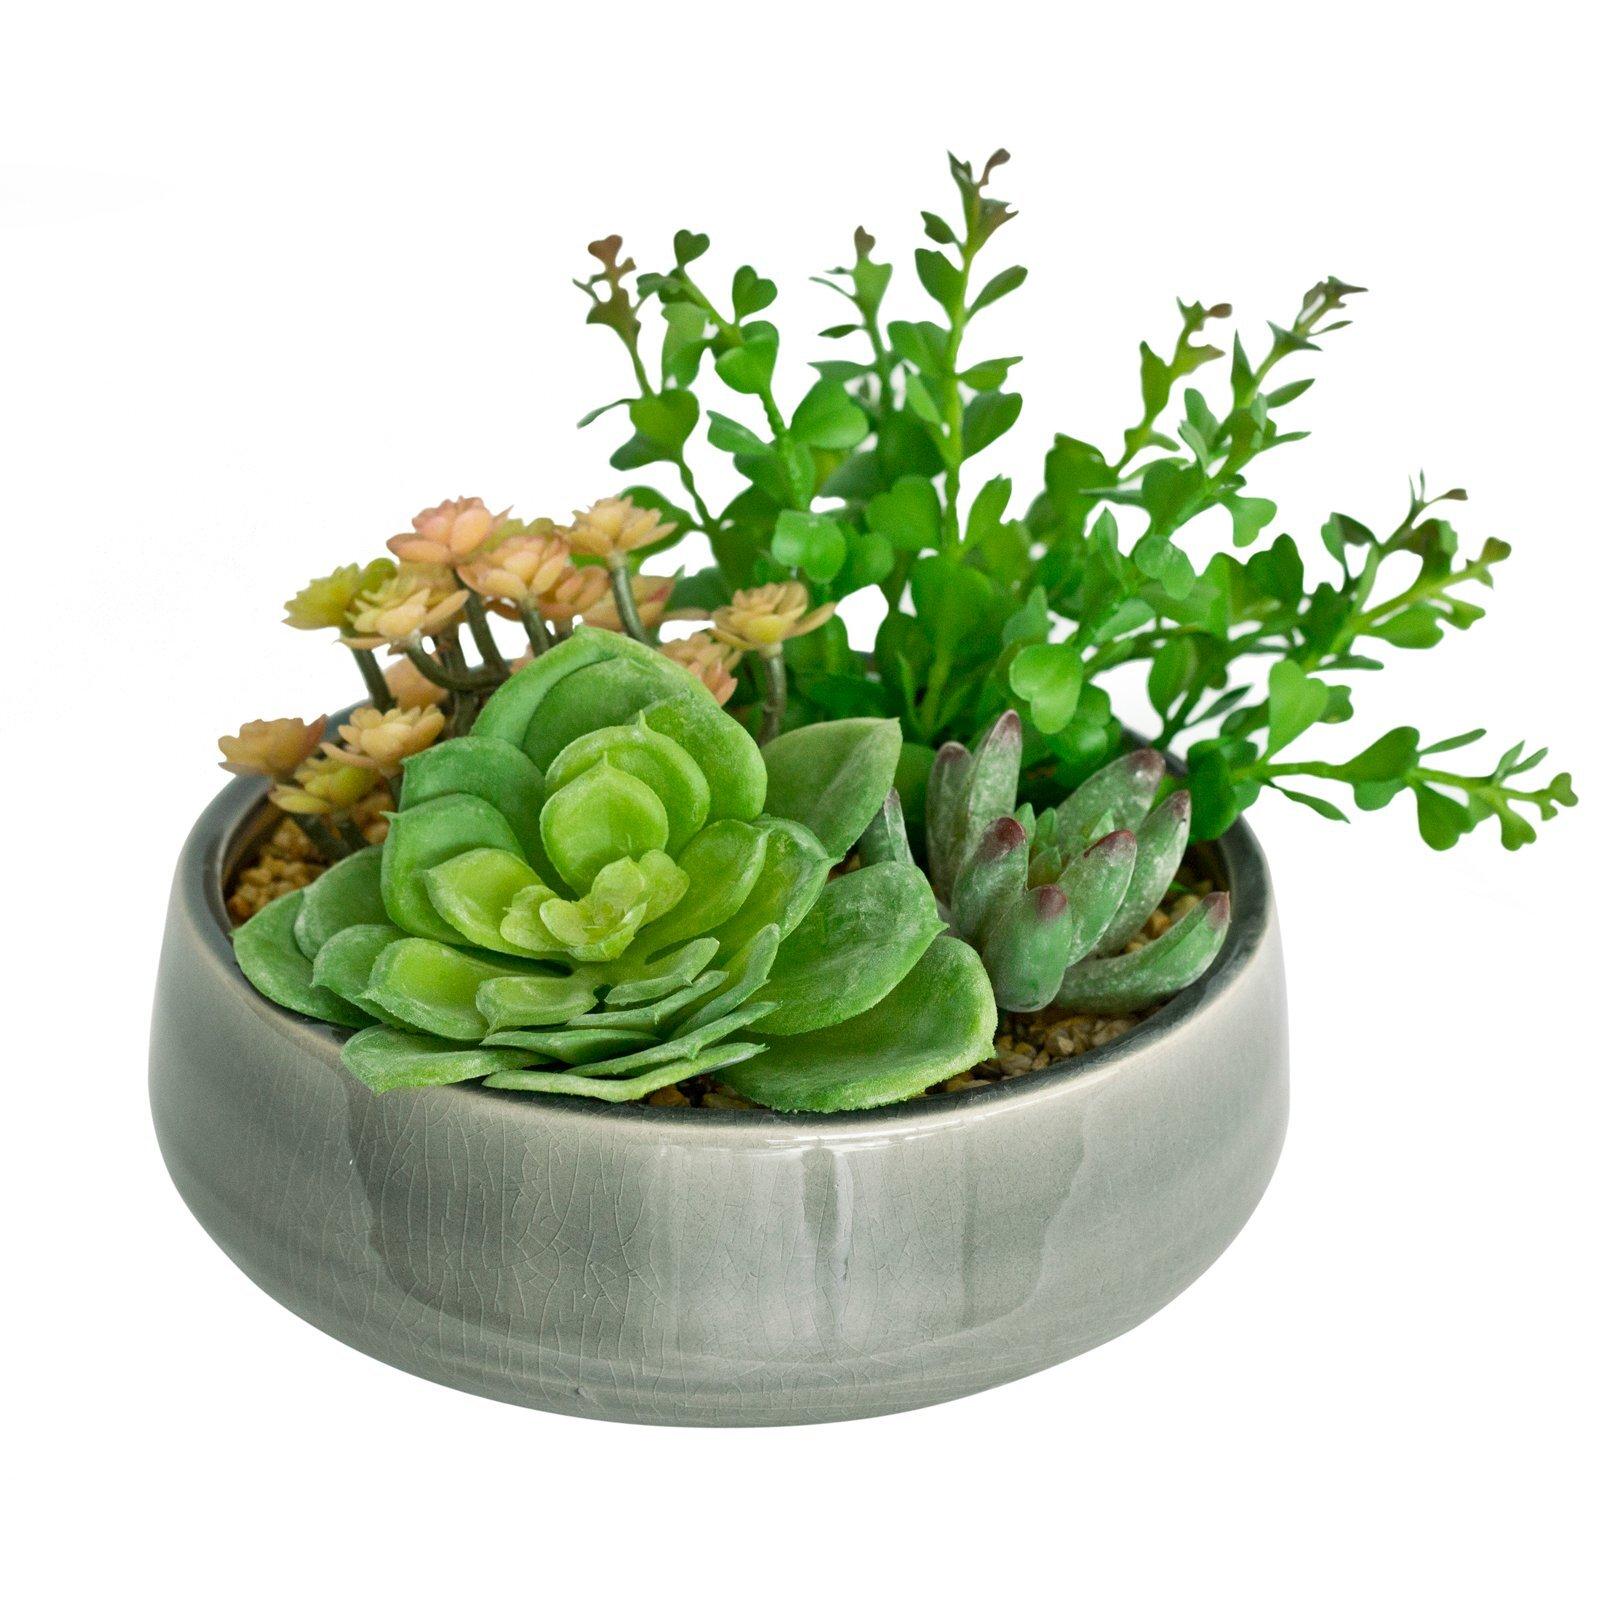 UN-REAL 17cm Artificial Succulent Quad In Grey Pot